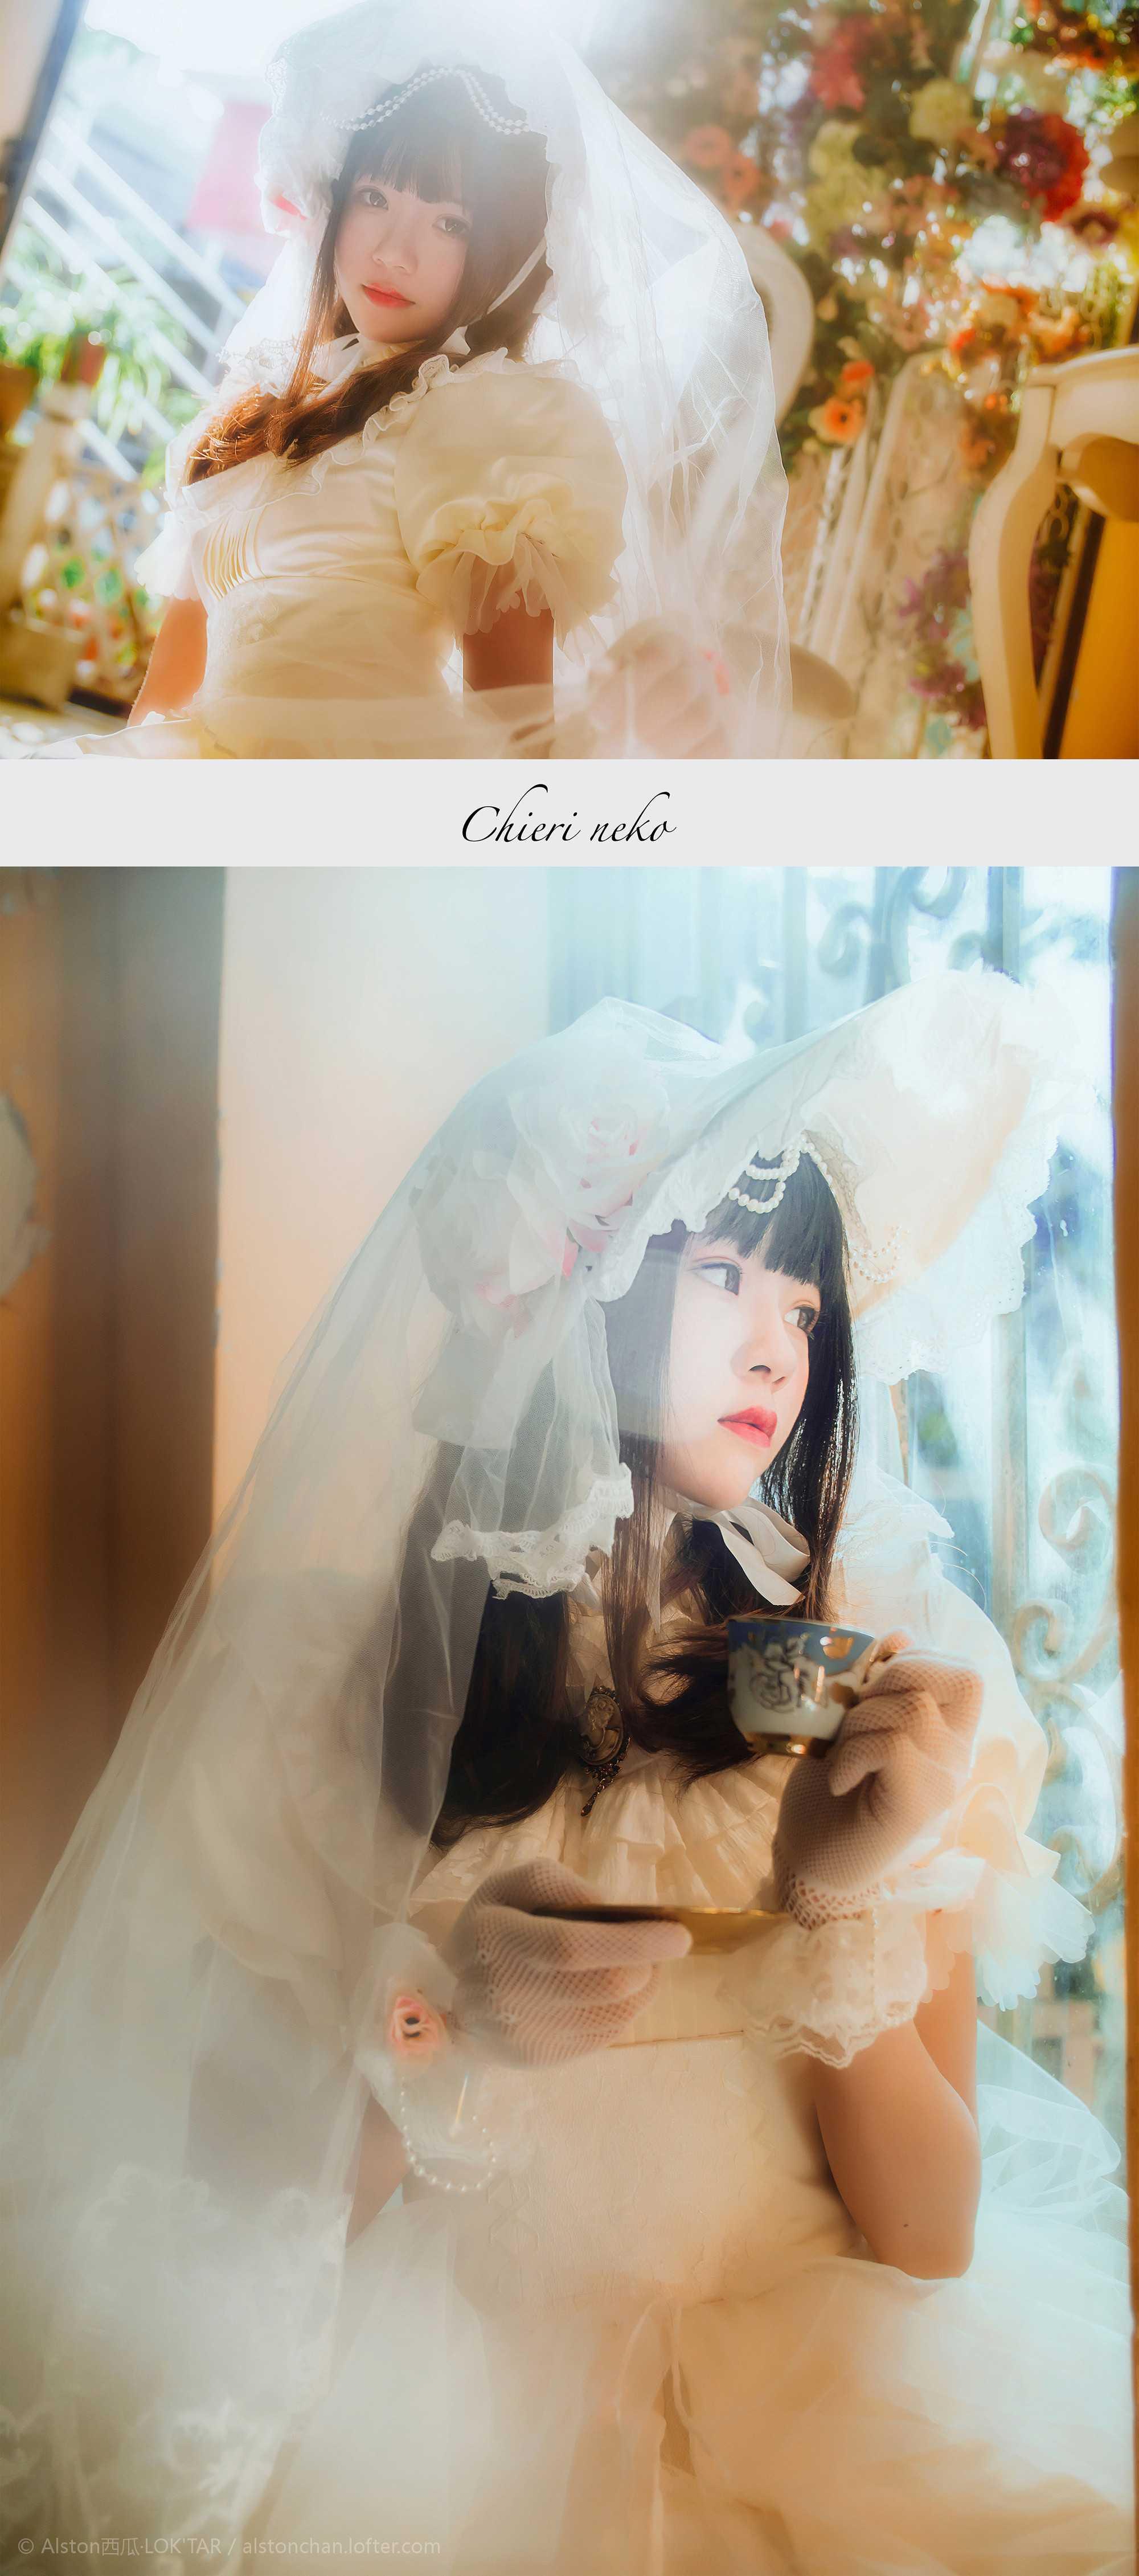 免费⭐微博红人⭐桜桃喵@写真cos-童梦(桜桃喵)插图8